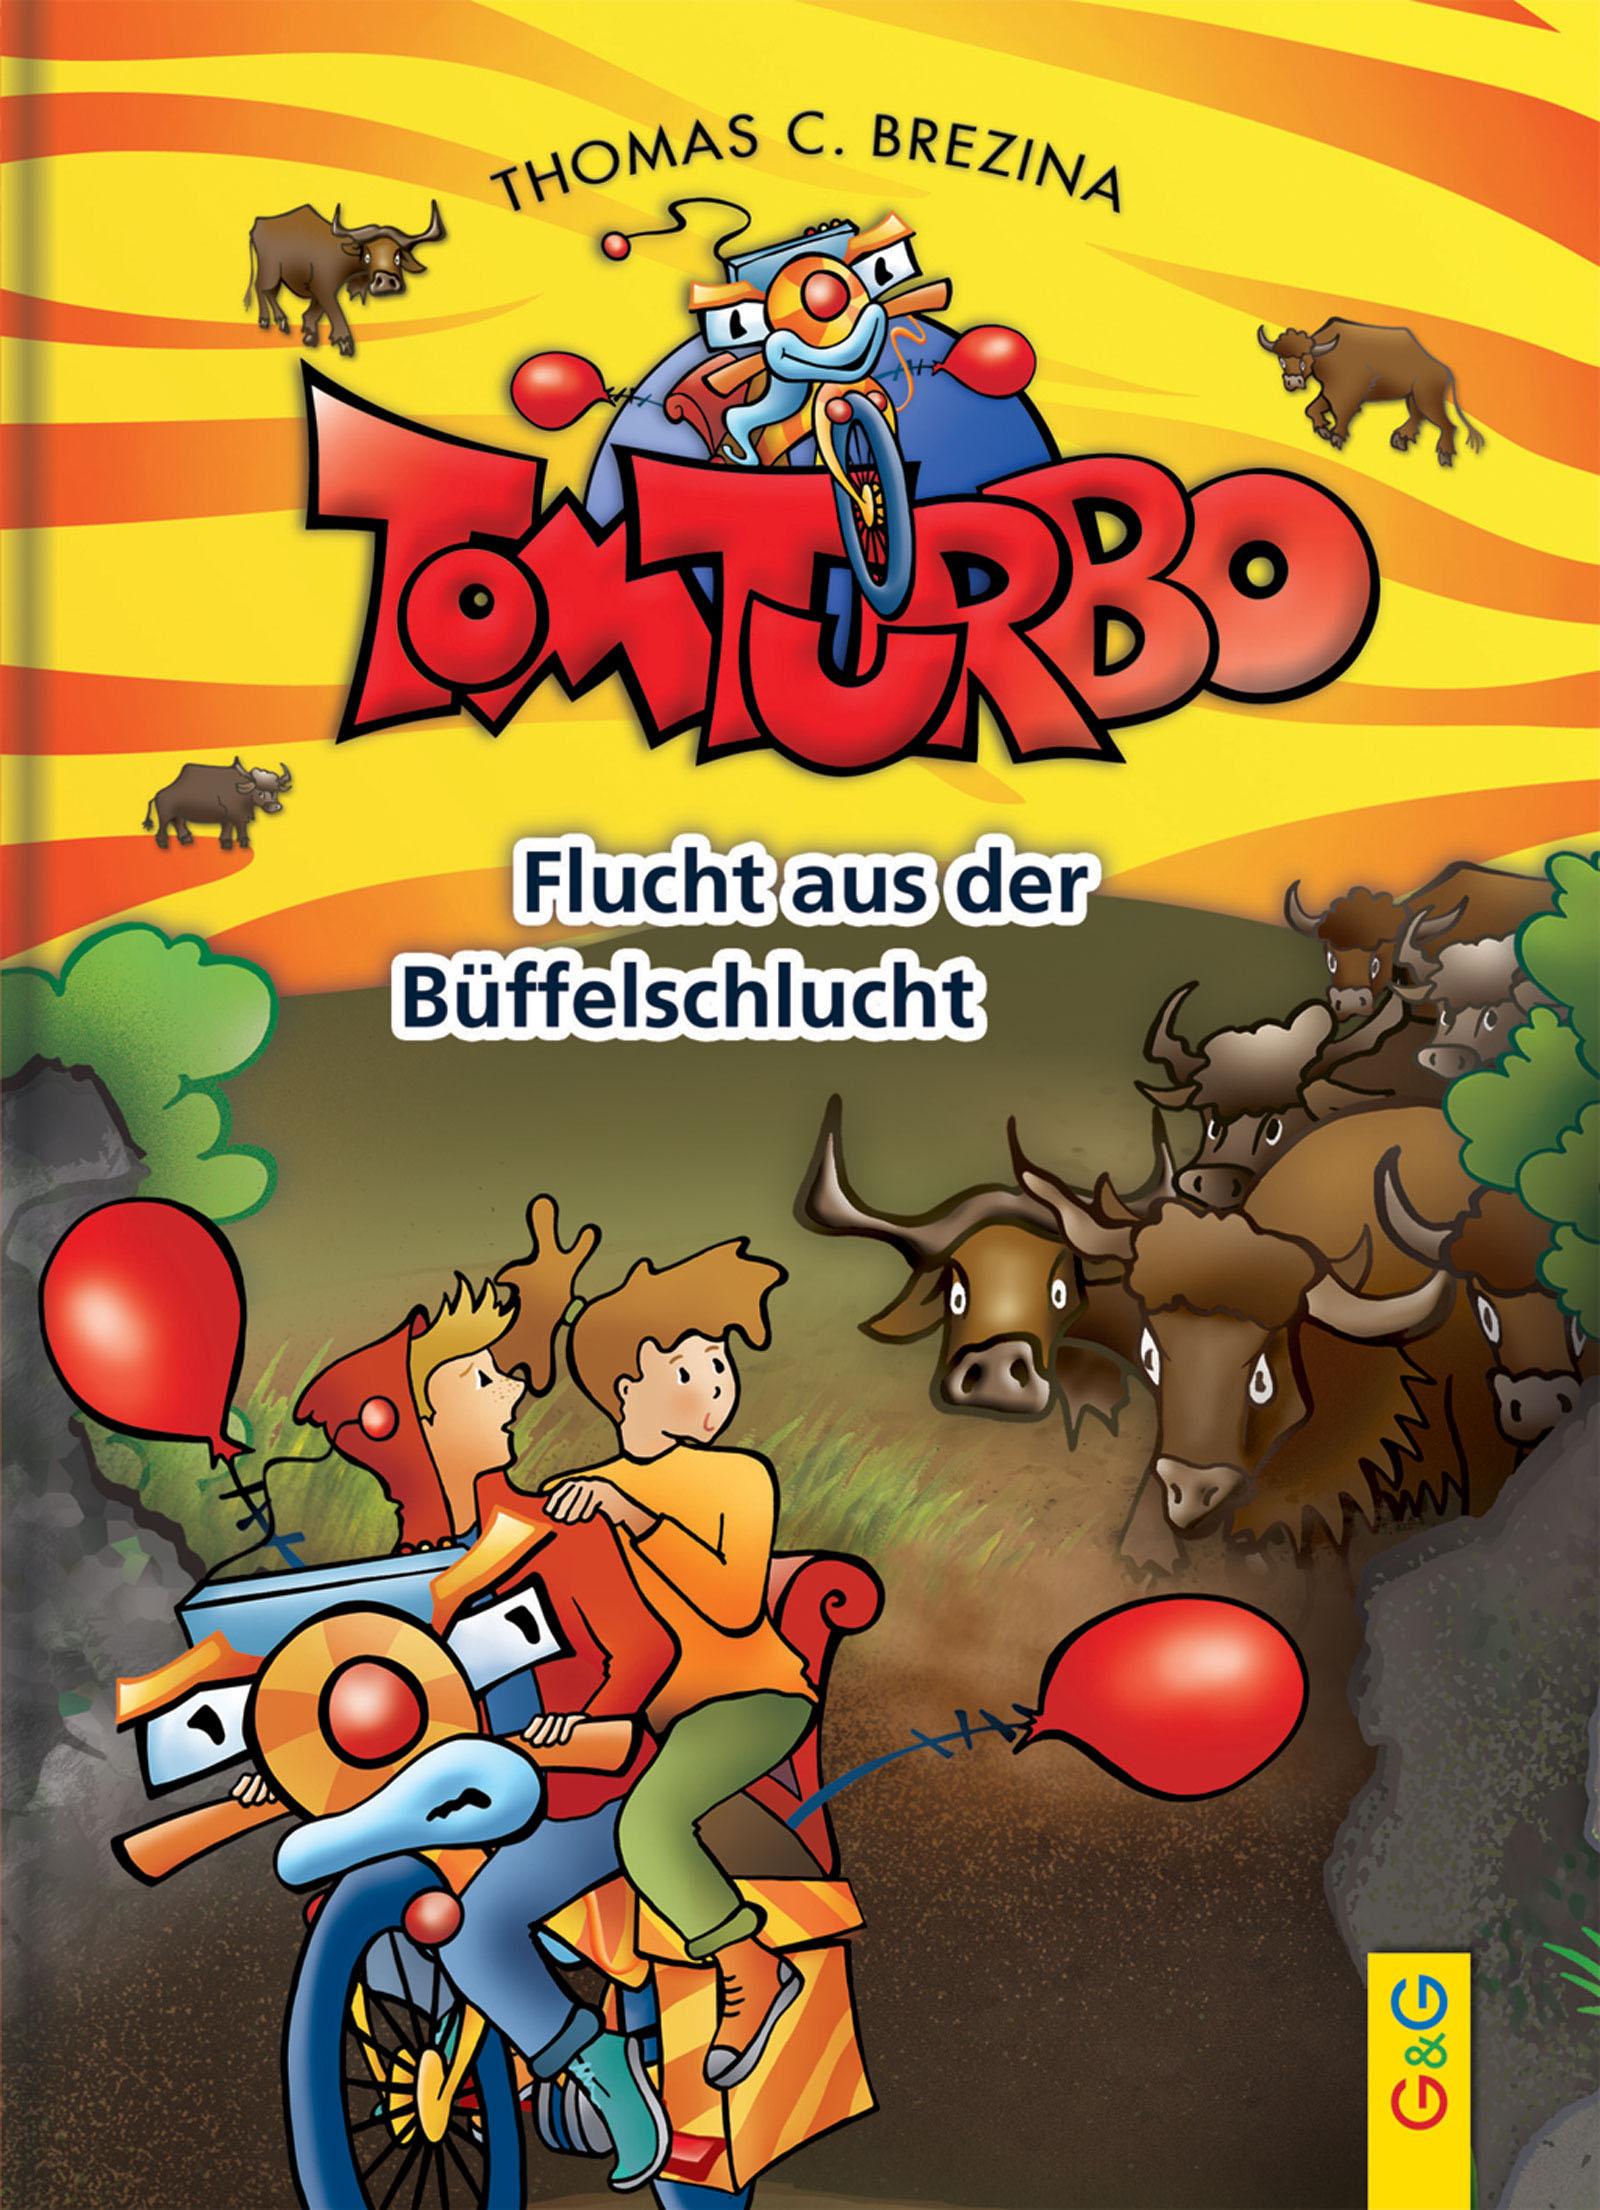 10_Tom_Turbo_Büffel